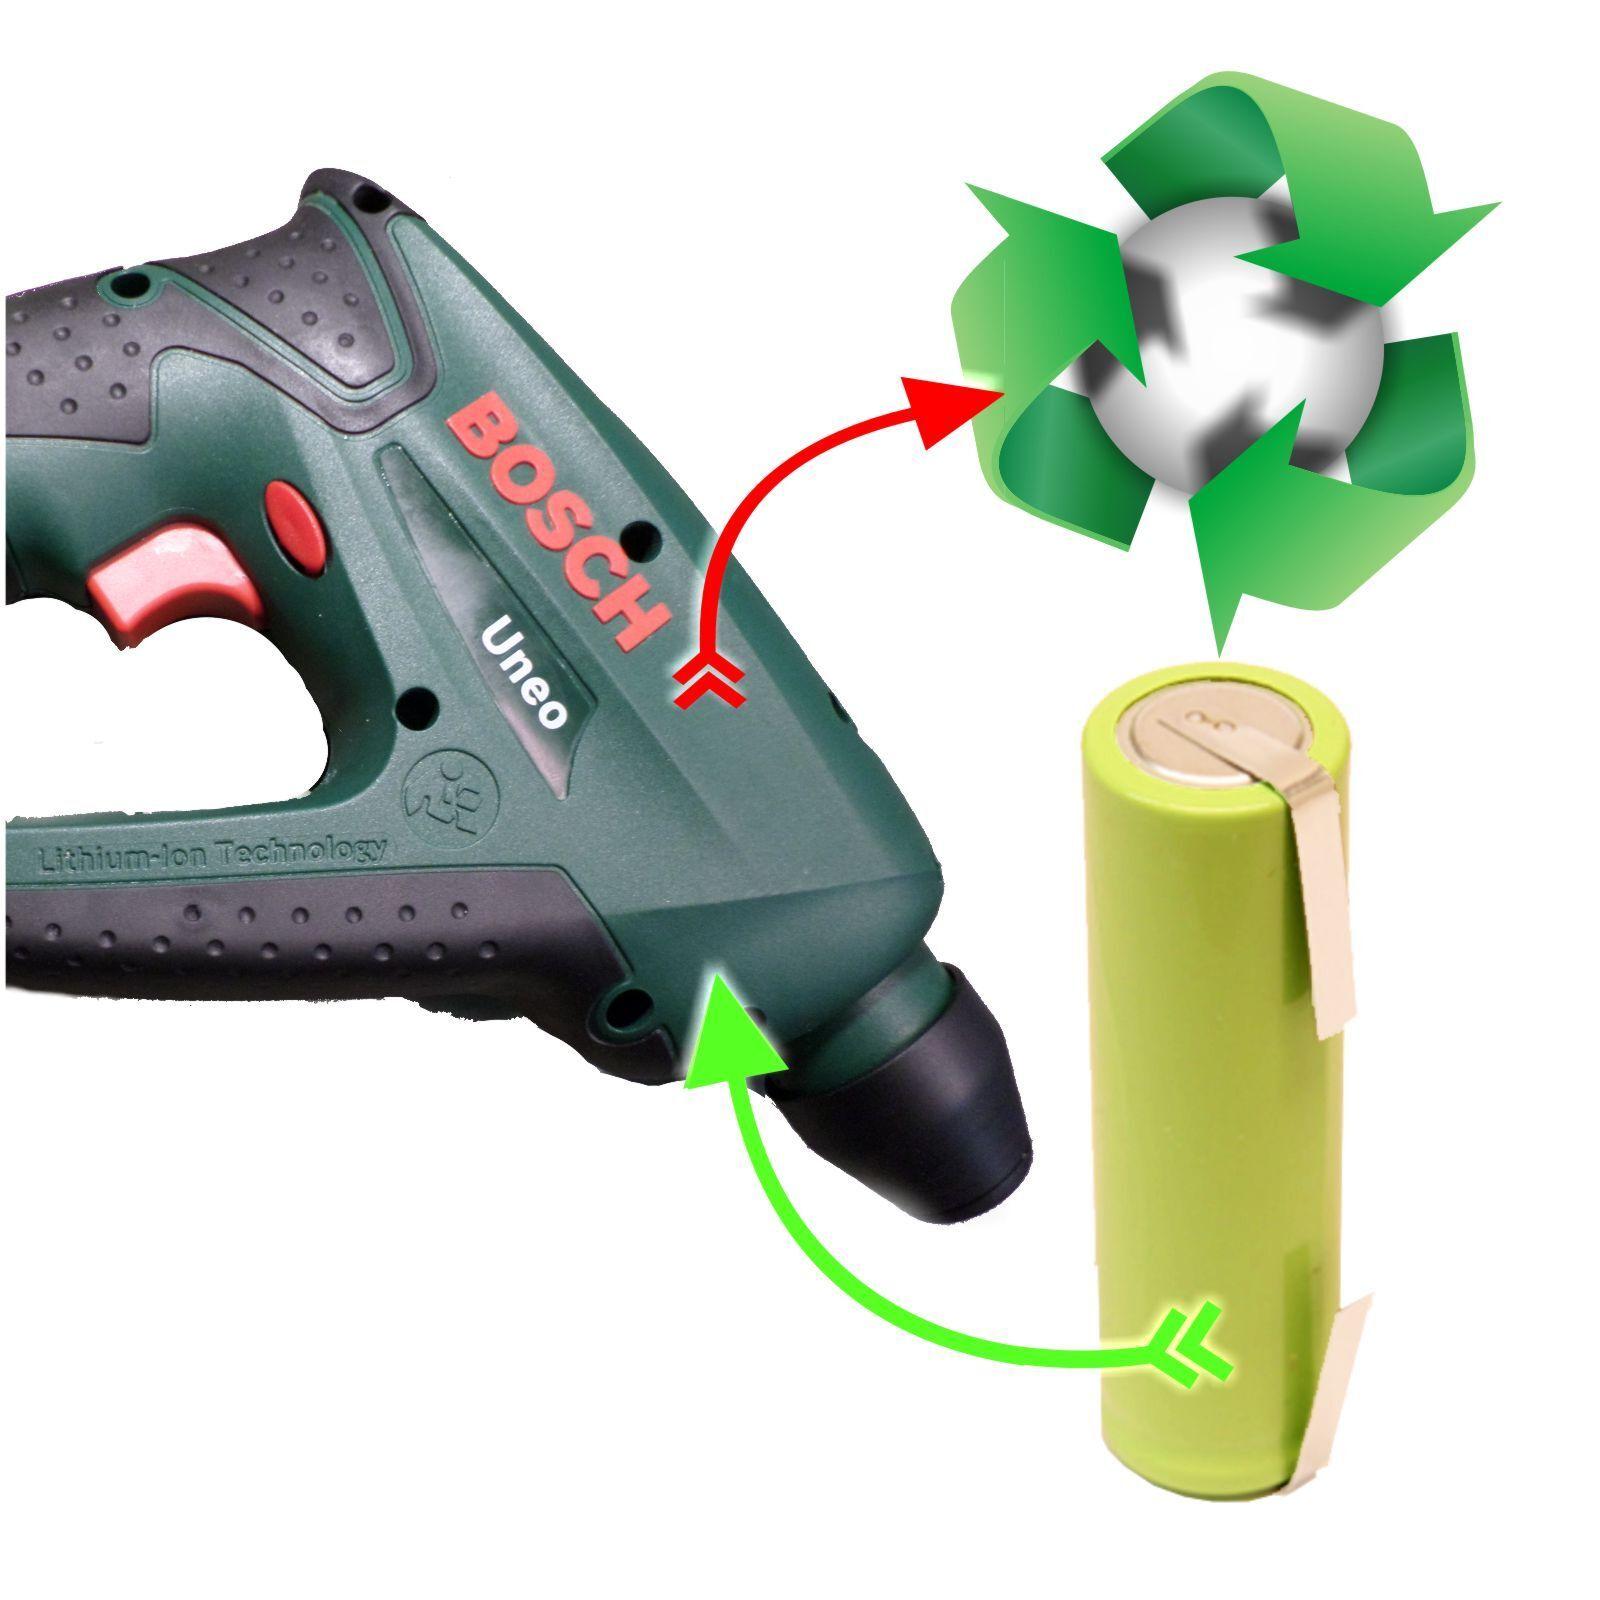 Akkutausch Zellentausch Bosch Uneo 14,4 V Steigerung von 1,3 bzw. 2 Ah auf 2,9Ah